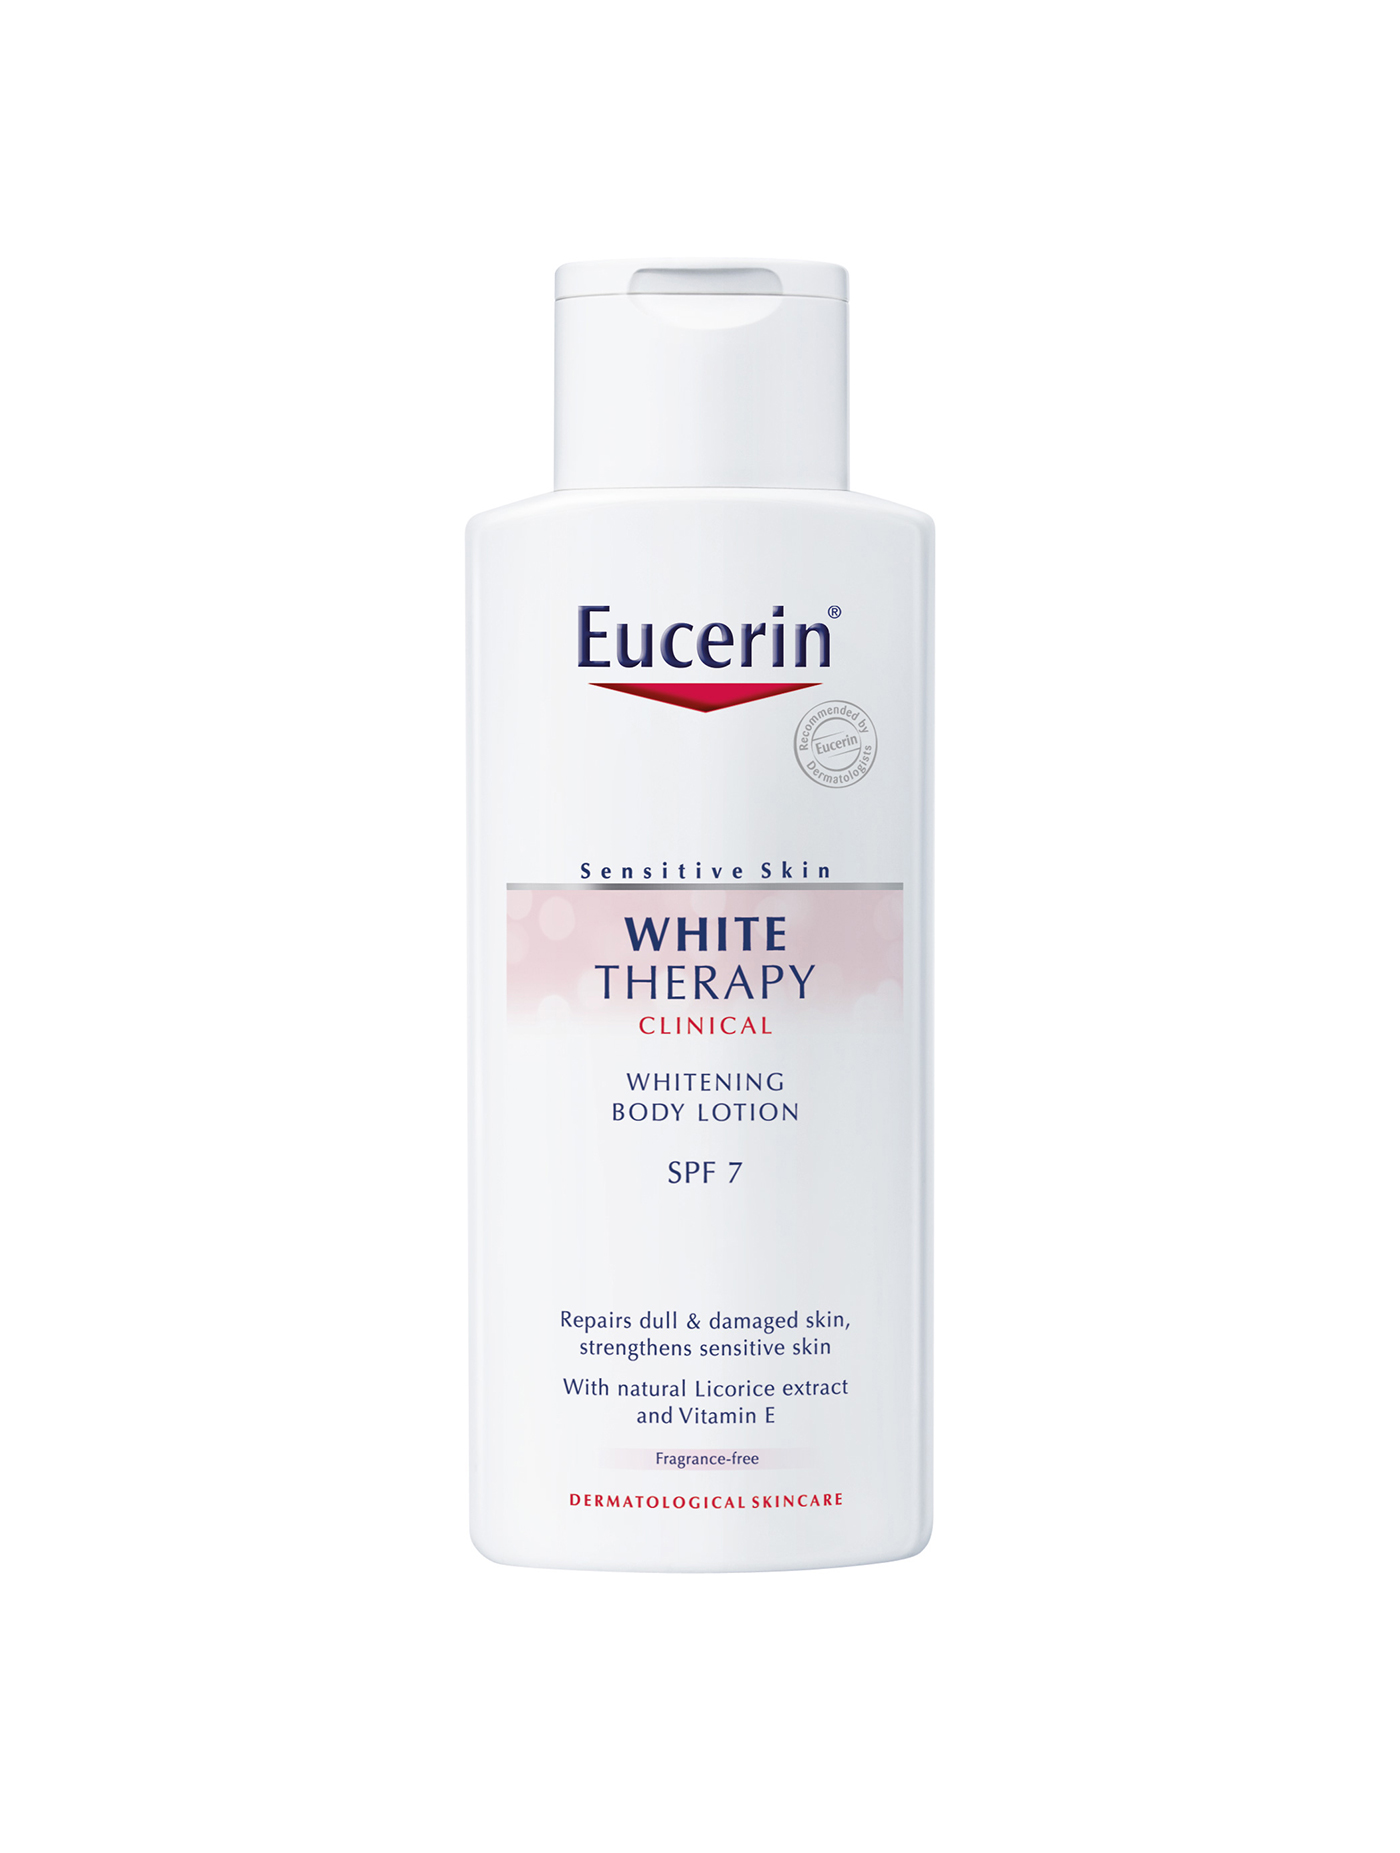 *Eucerin White Therapy Whitening Body Lotion (250 ml.) ช่วยลดการถูกทำร้ายจากแสงแดด และวิตามินอีฟื้นฟูและเพิ่มความชุ่มชื้น ลดเลือนจุดด่างดำและเซลล์ผิวคล้ำเสีย เพื่อผิวกระจ่างใส